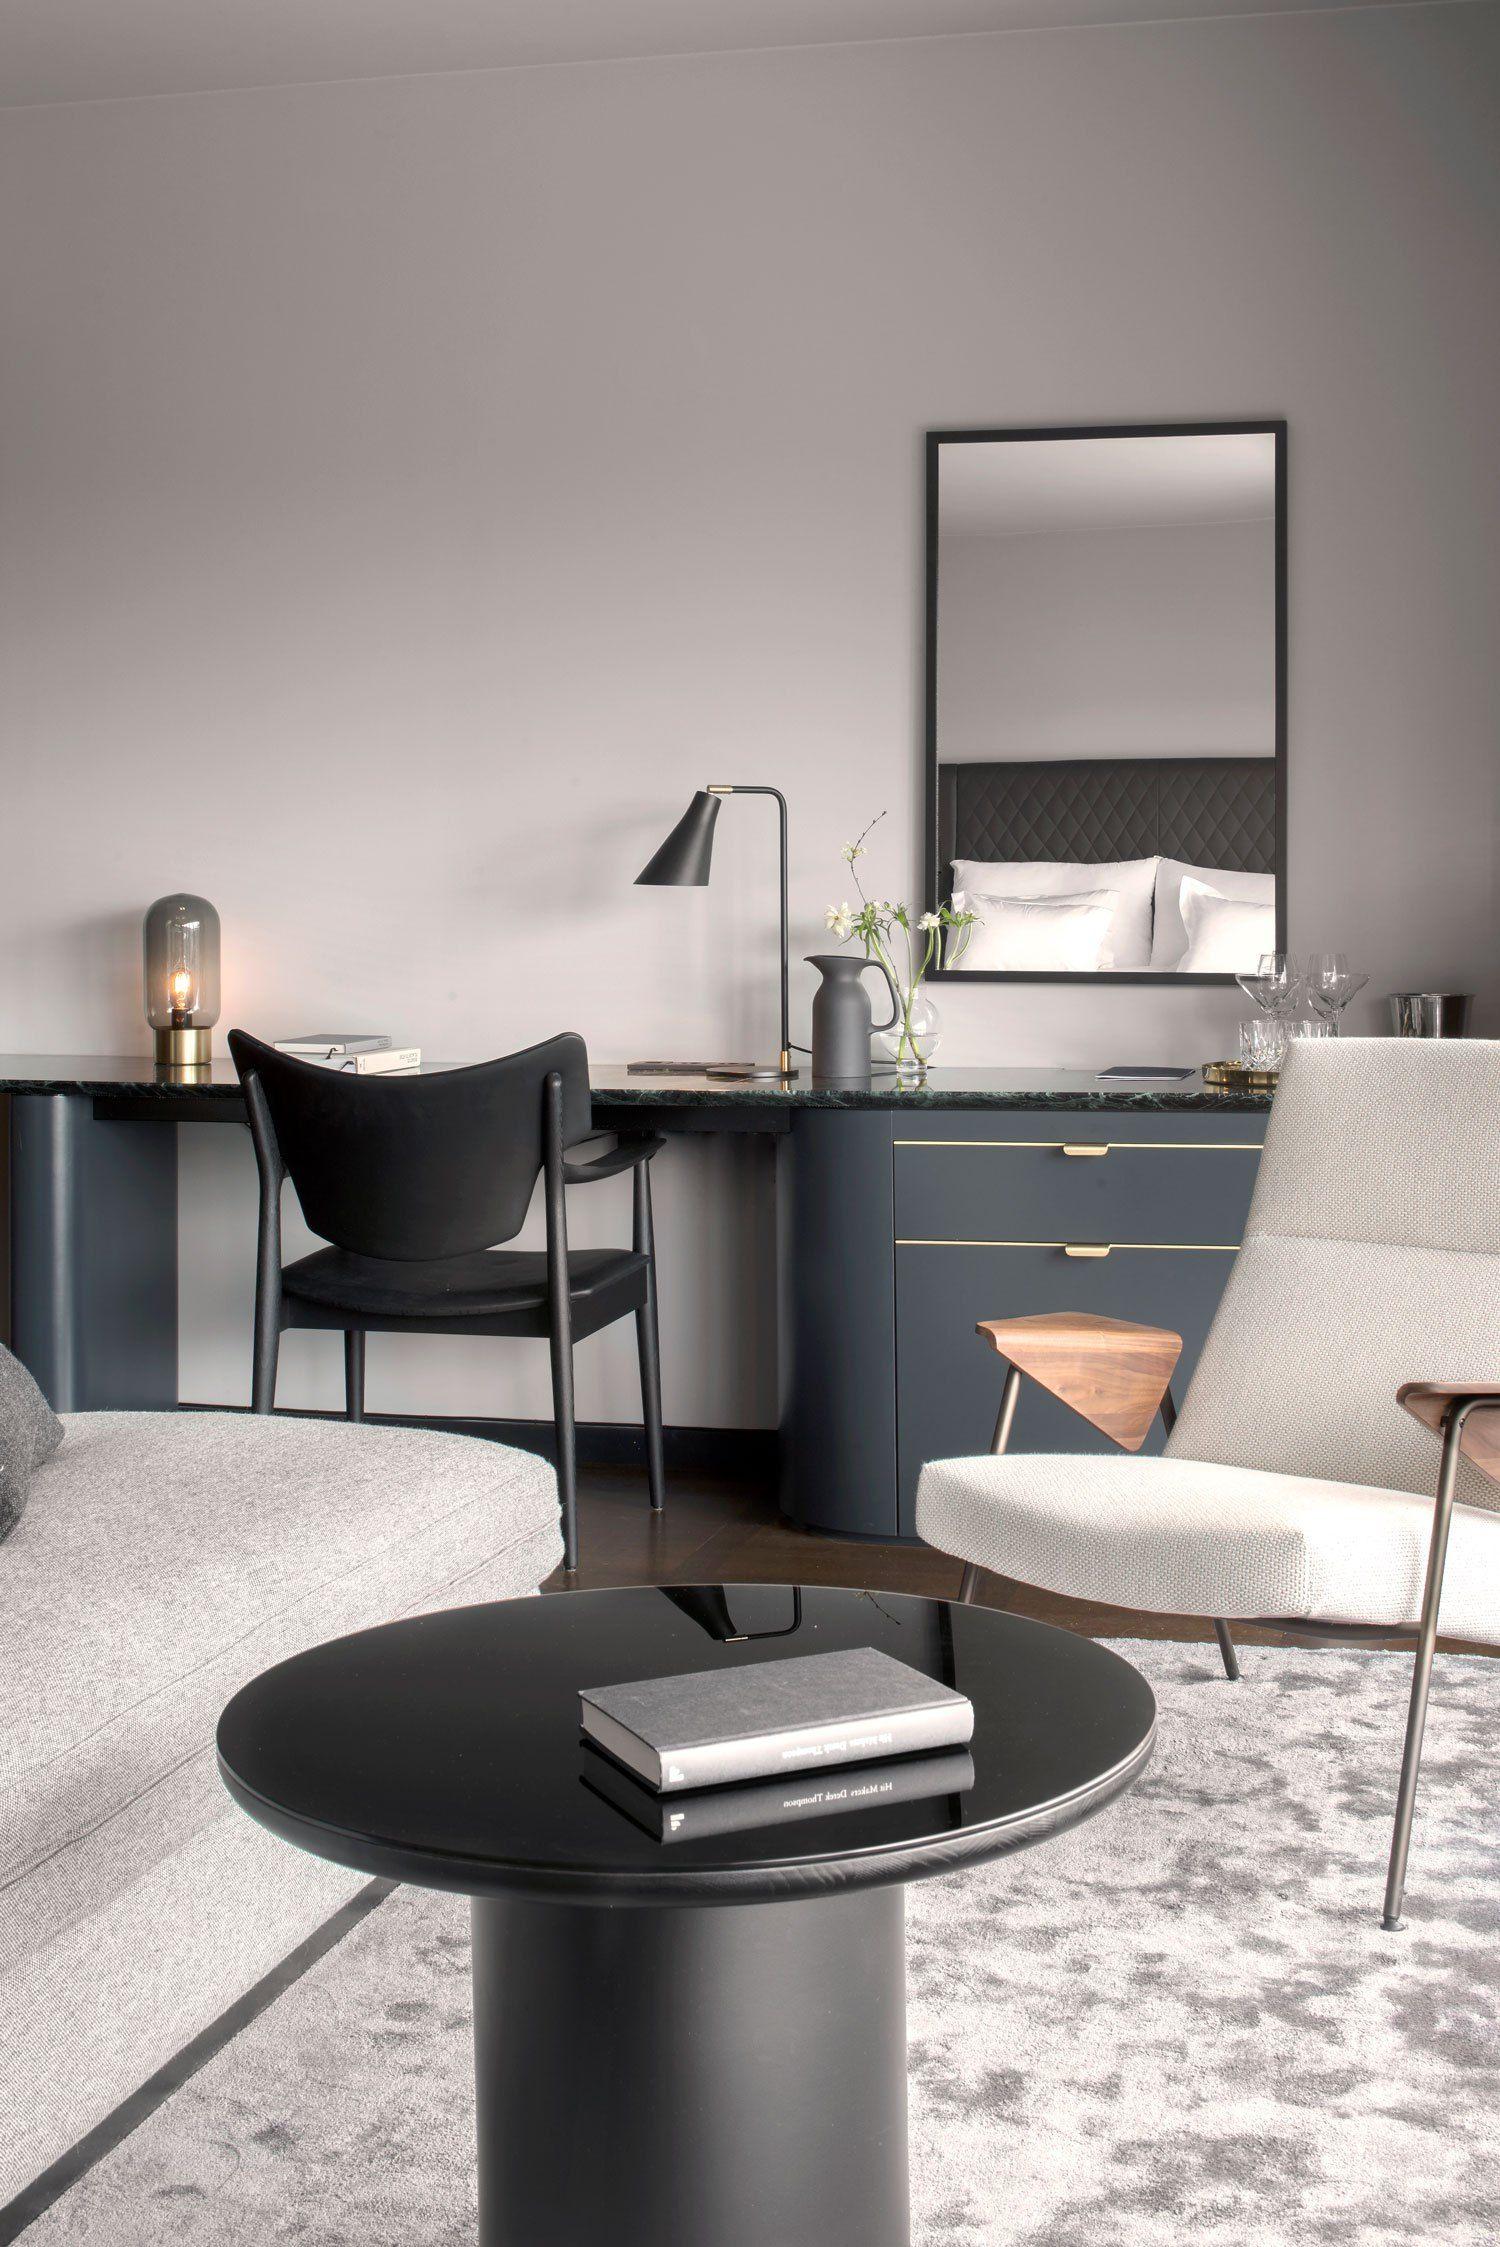 Download Wallpaper Universal Outdoor Furniture Studio City